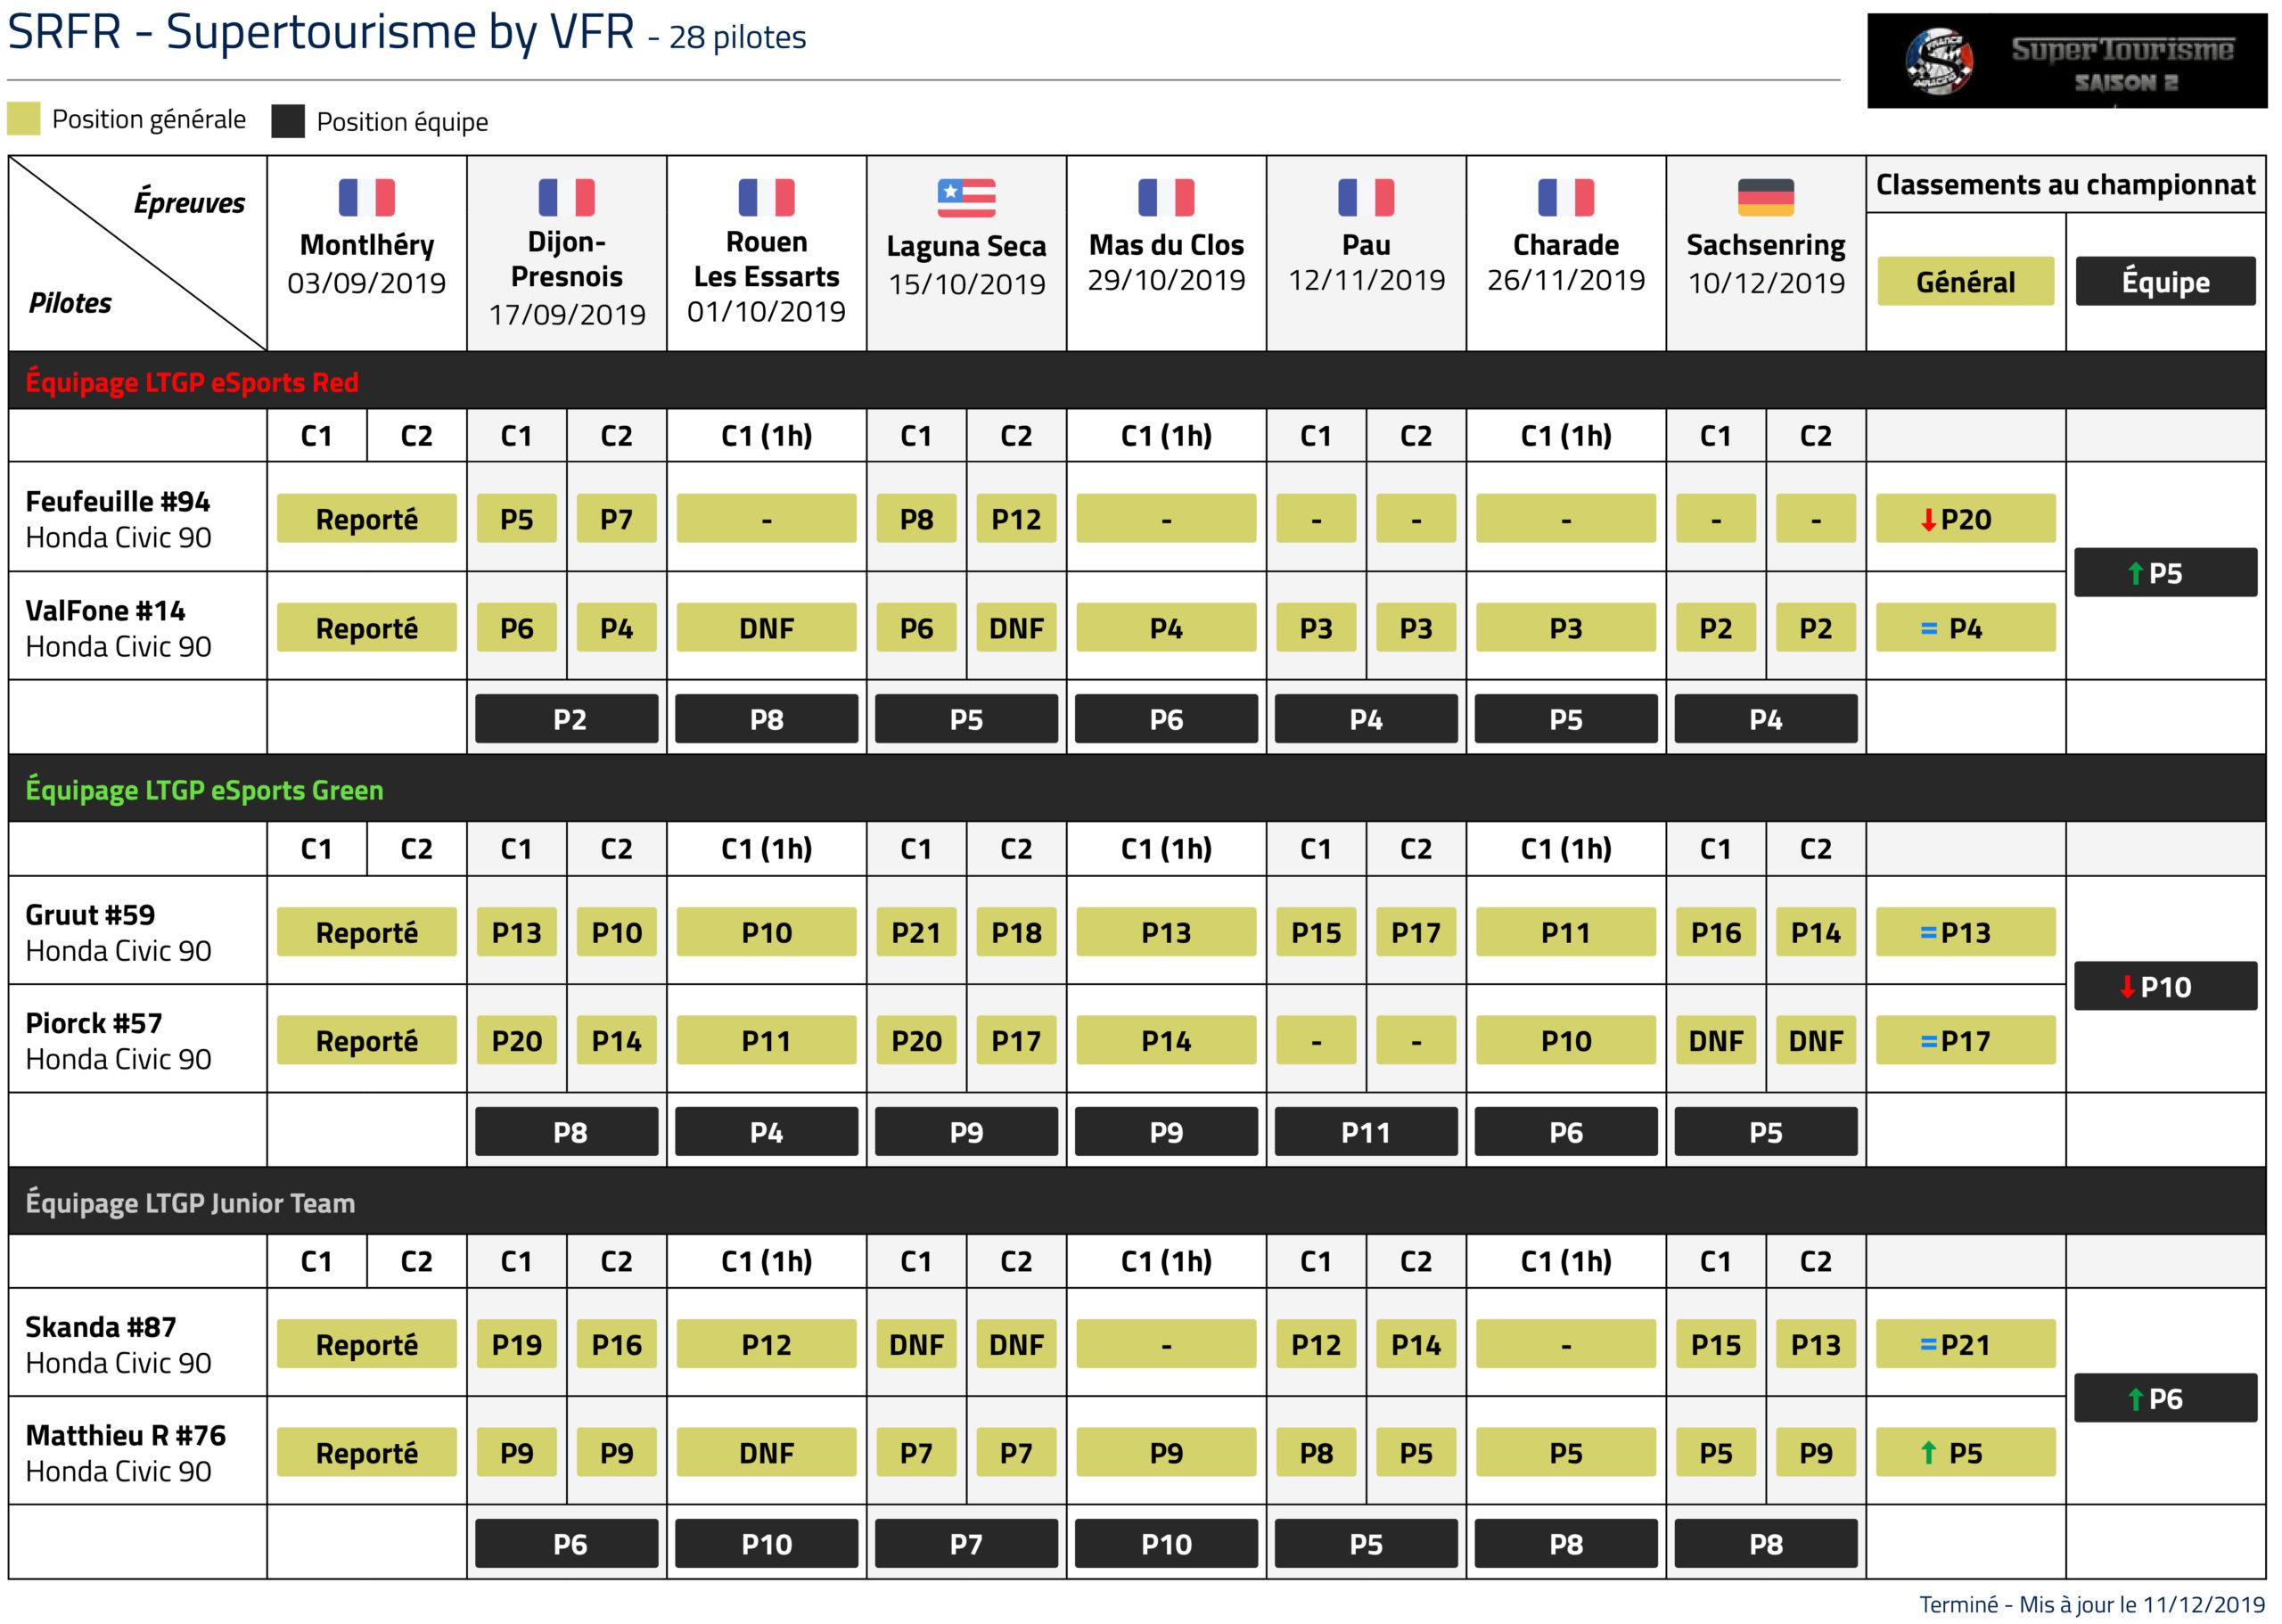 Championnat Supertourisme classement LTGP esports